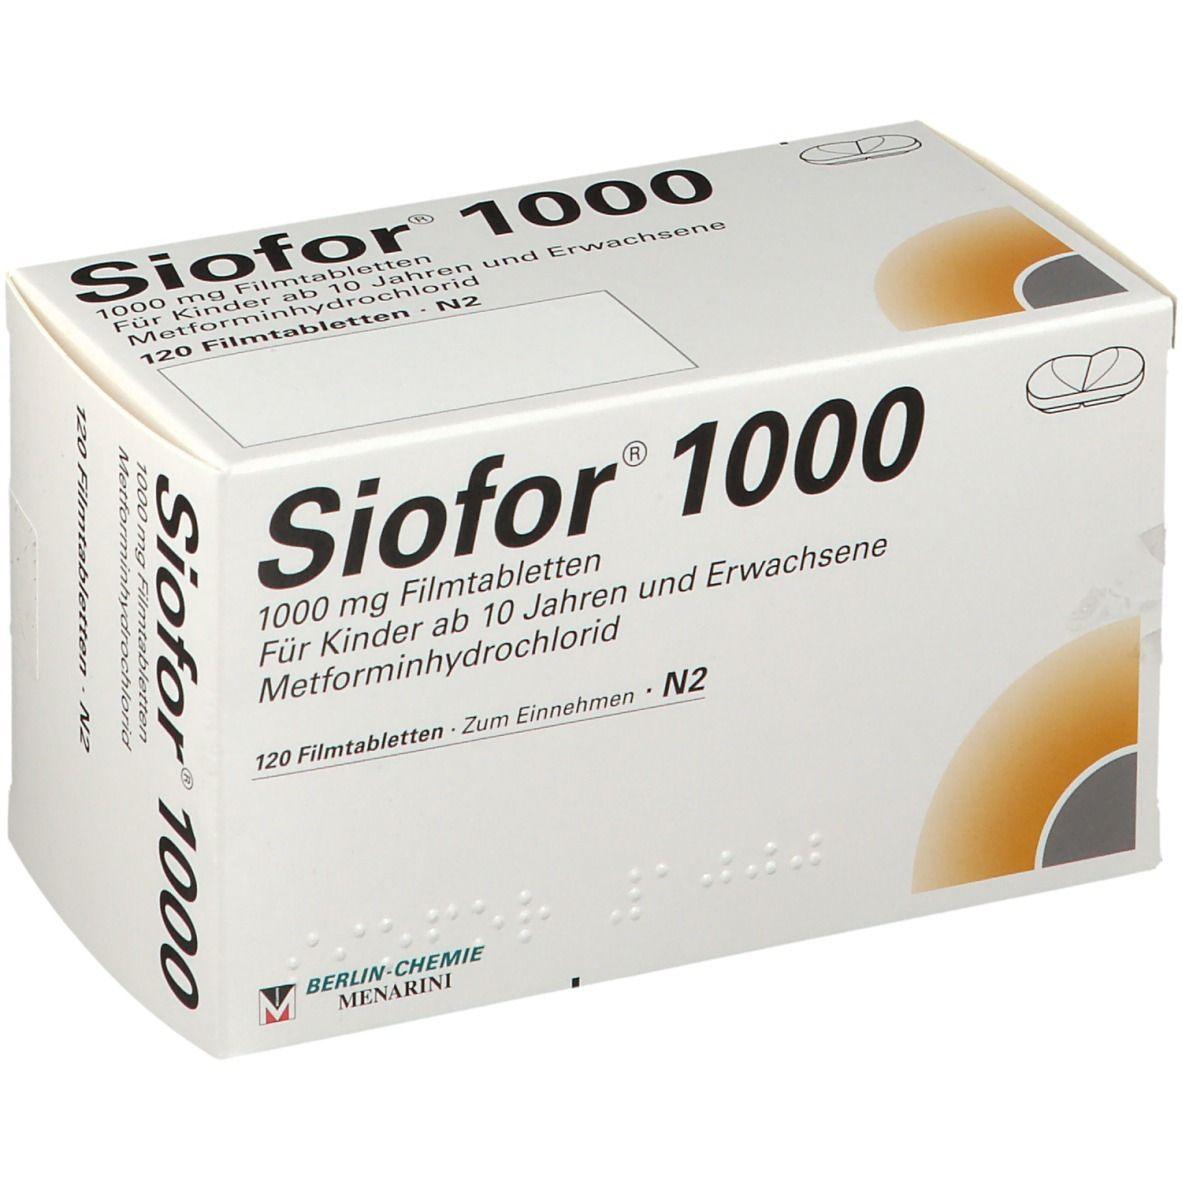 Siofor 1000 mg comanda